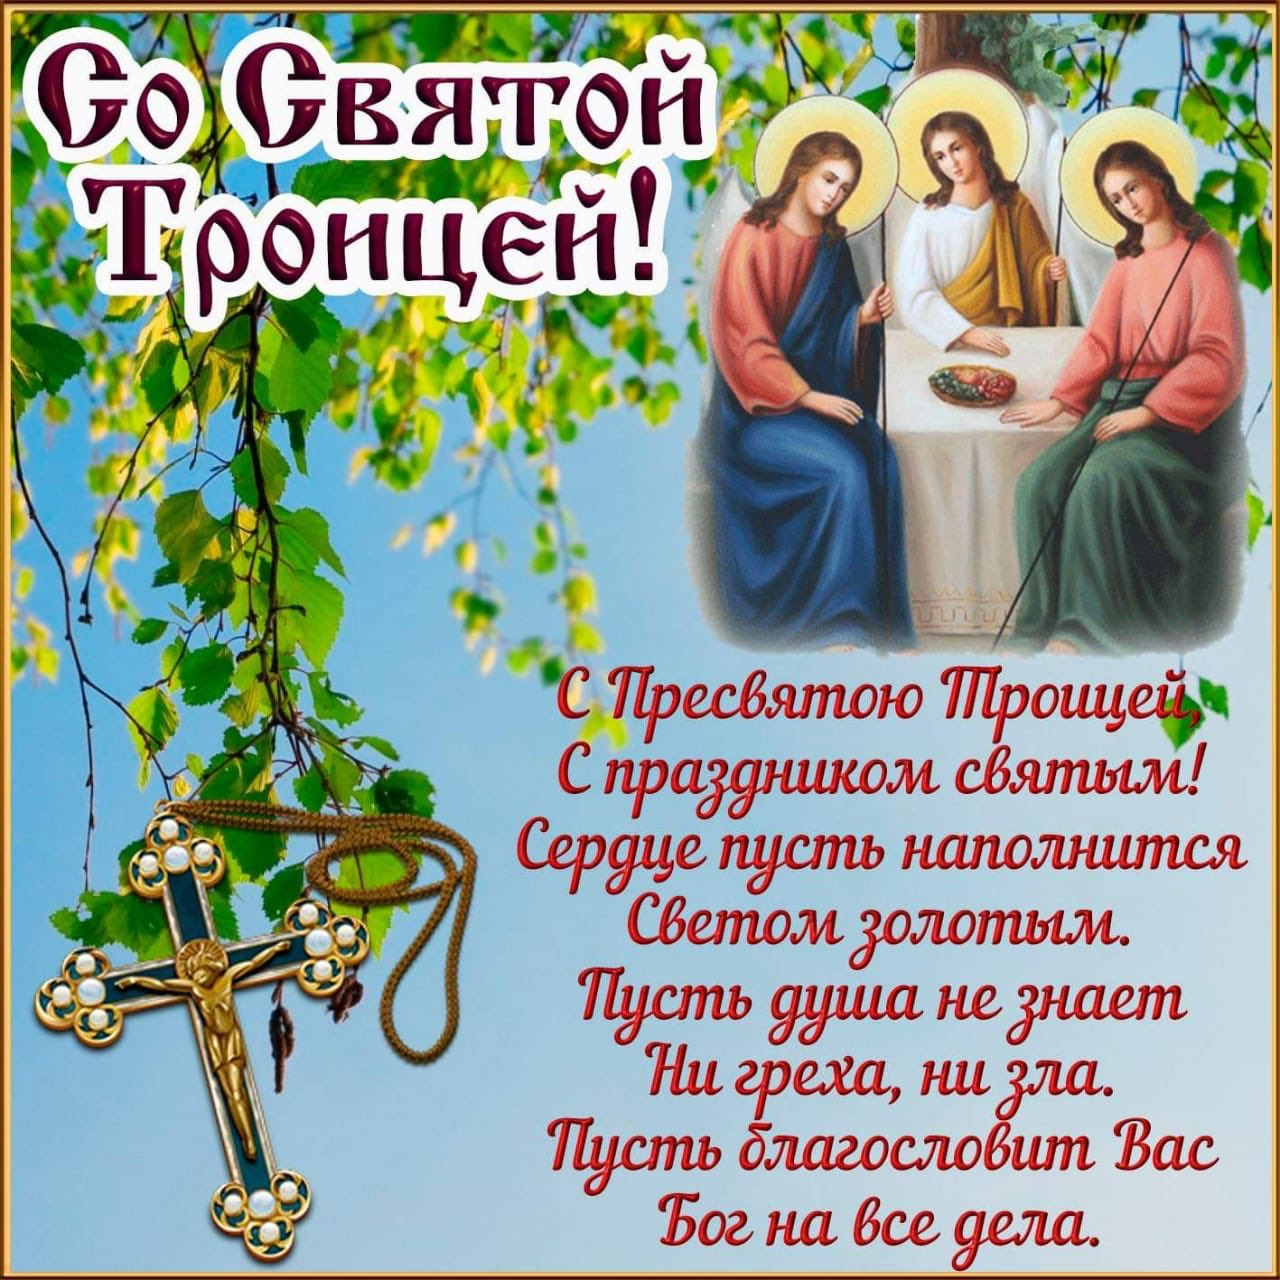 Картинки к великой троице